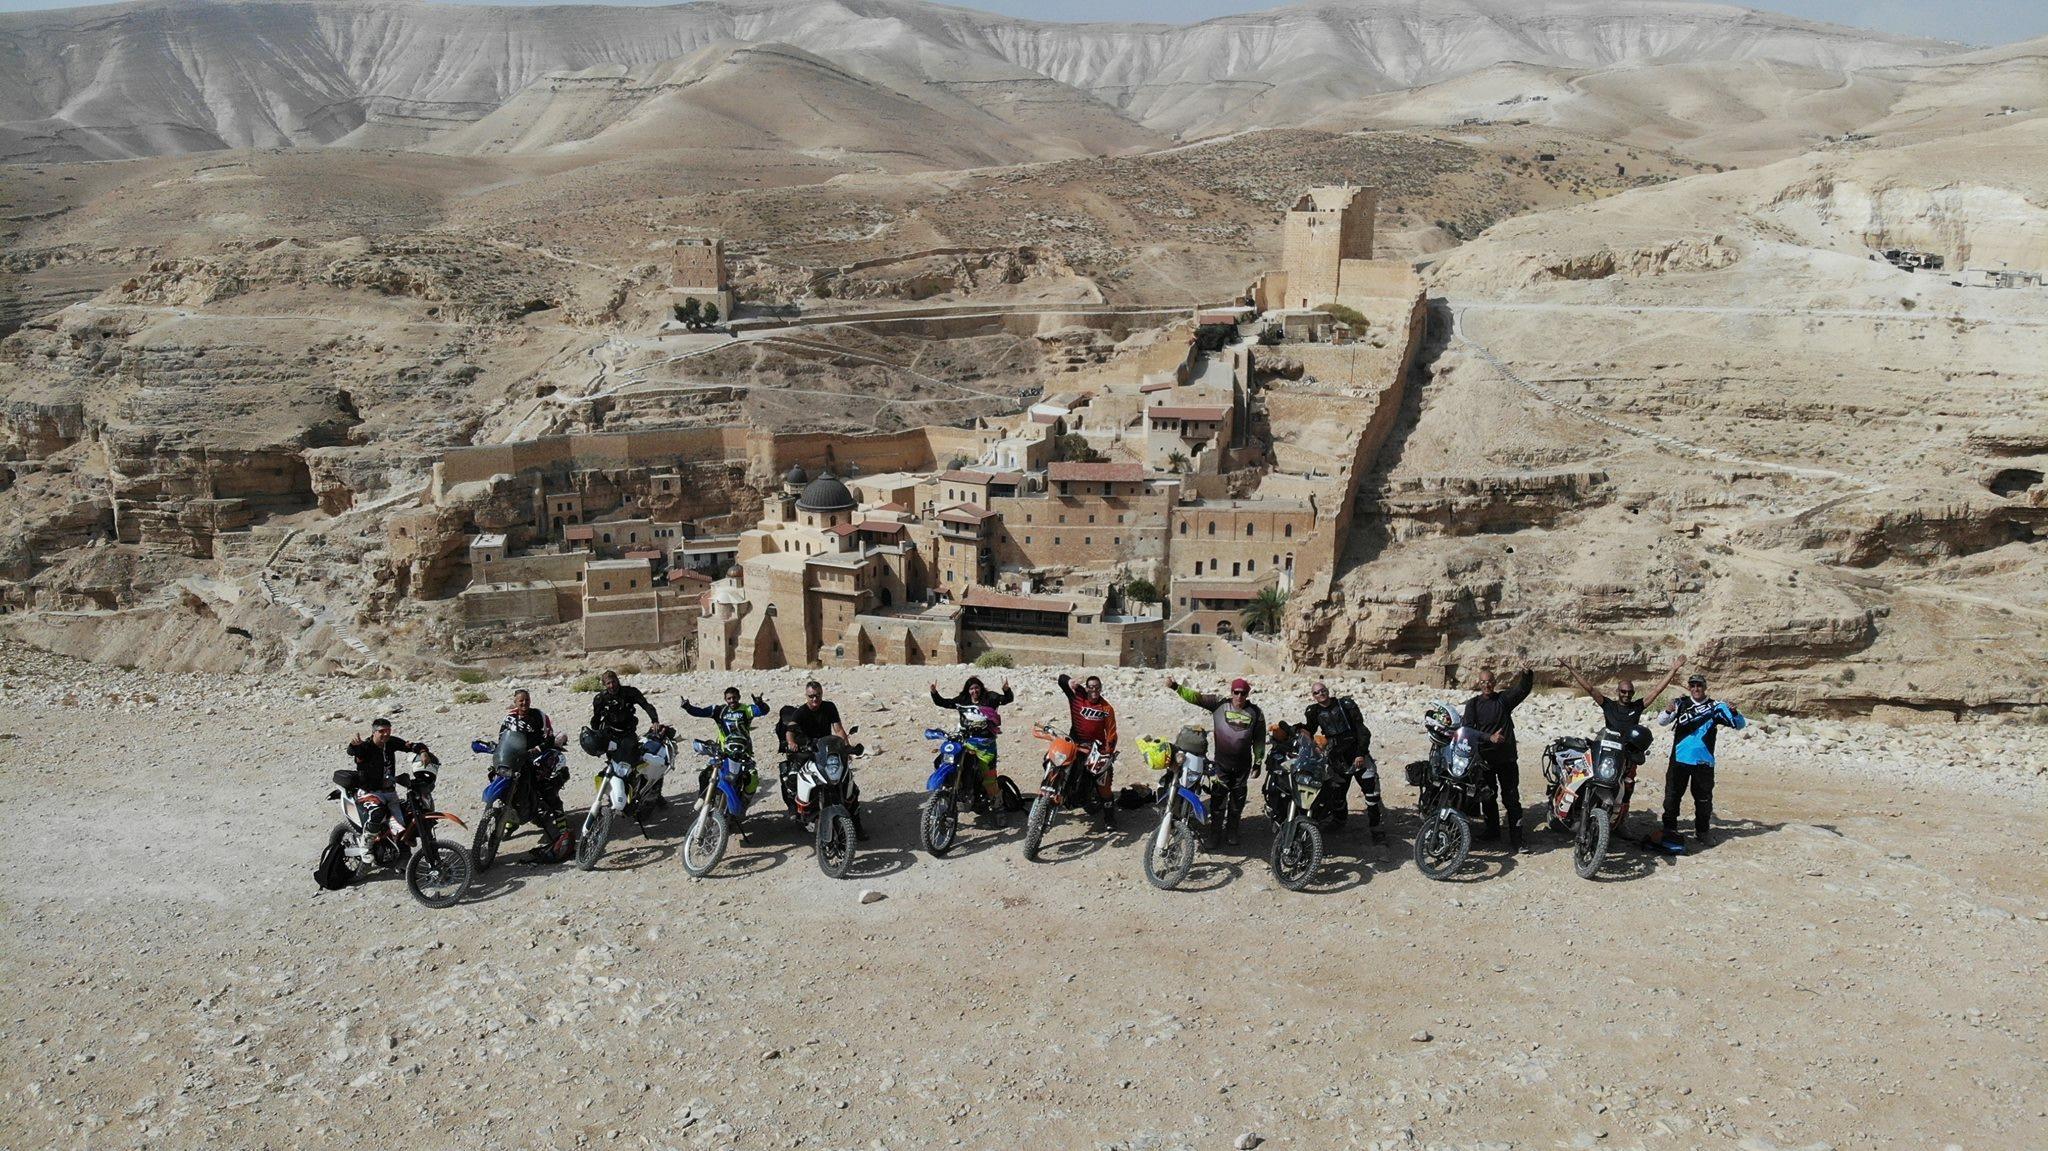 bikes in marsaba.JPG